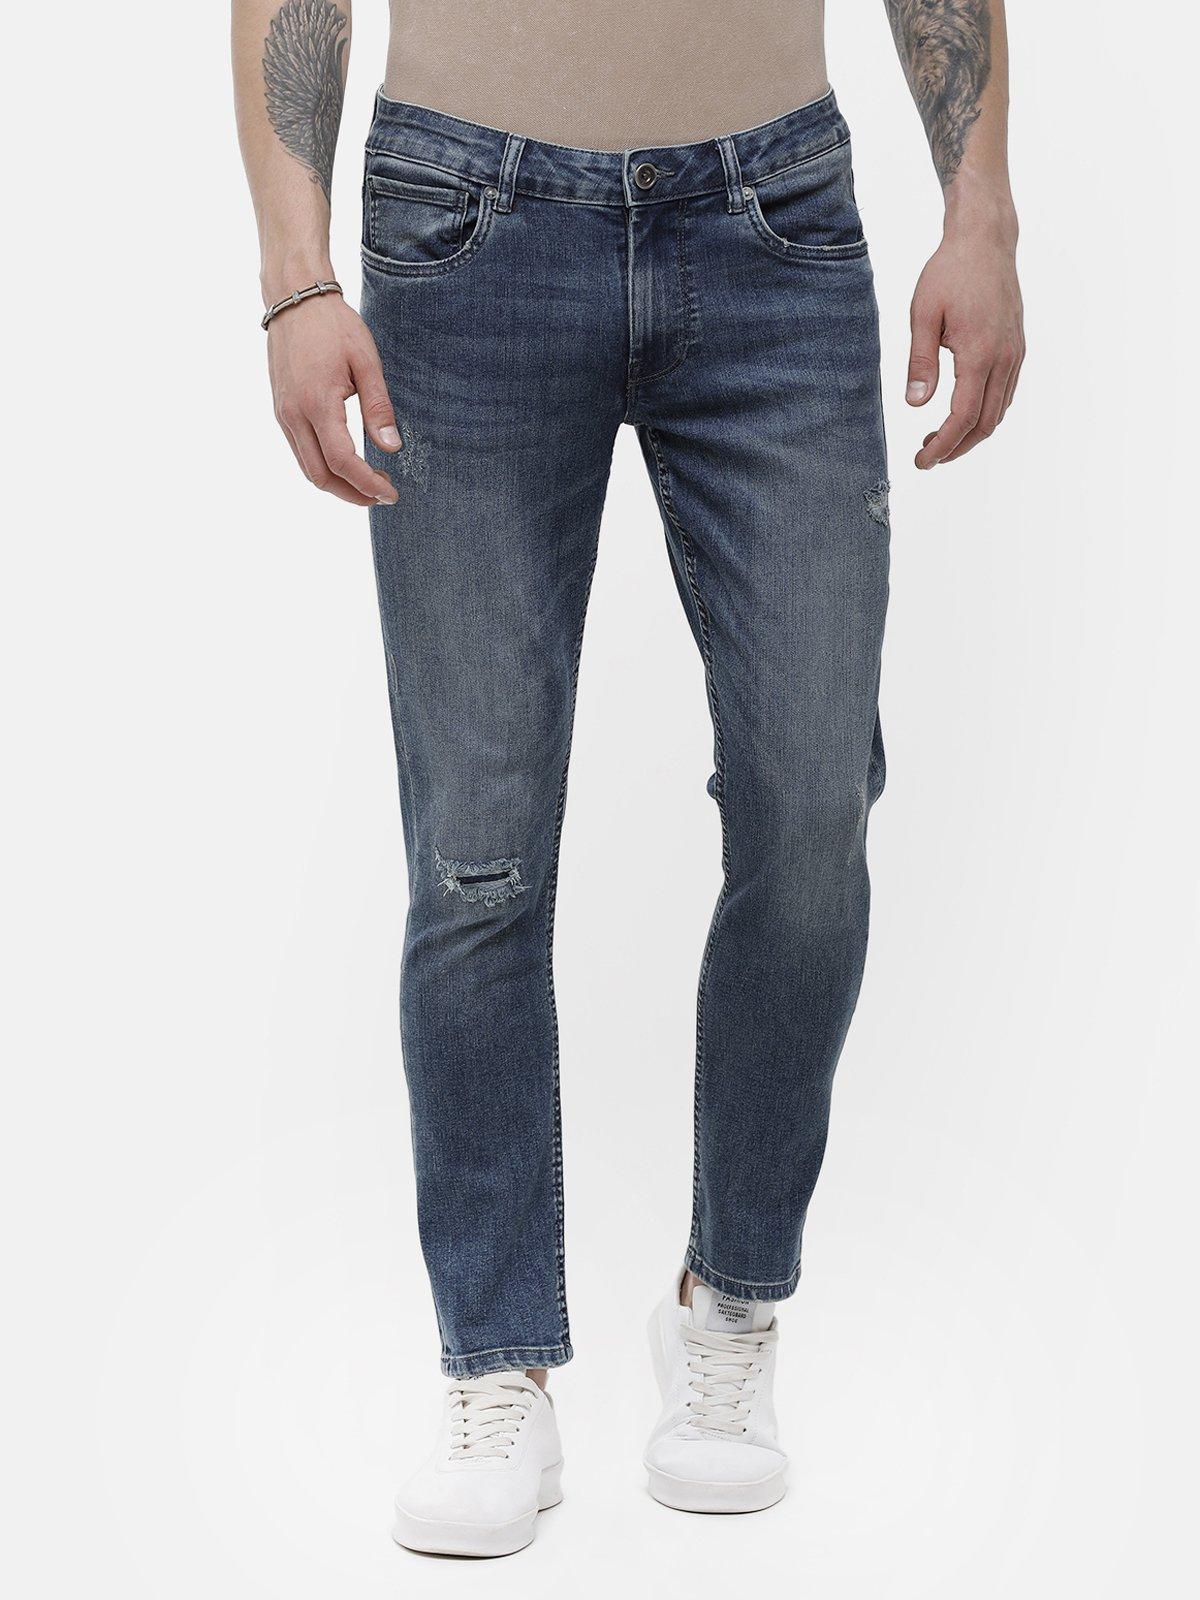 Voi Jeans | Mid Blue Jeans (VOJN1414)